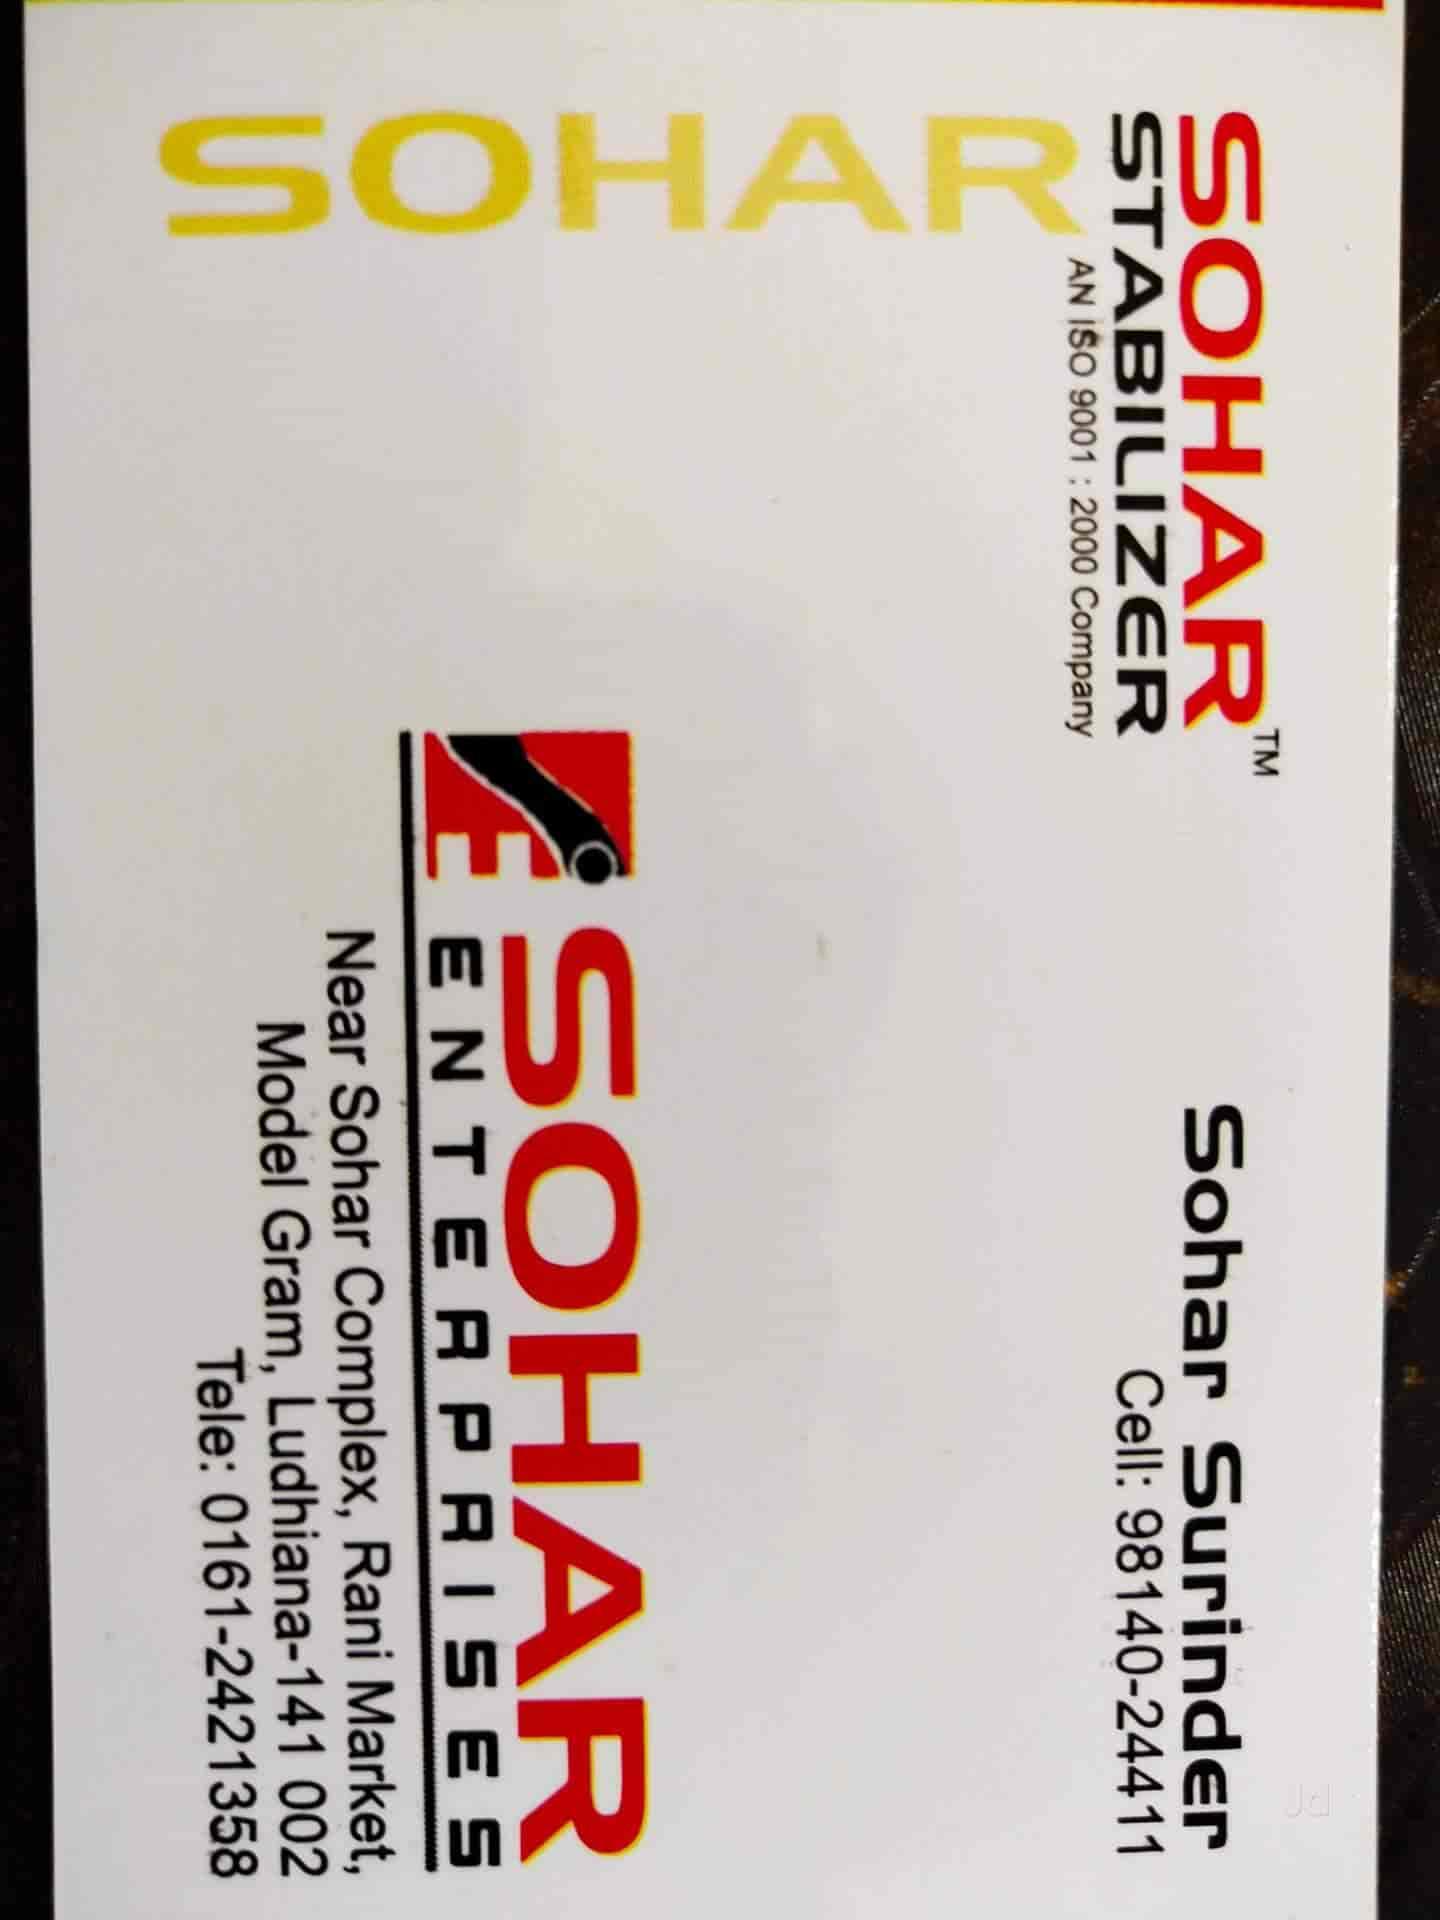 Sohar Enterprises, Model Gram - Inverter Battery Dealers in Ludhiana